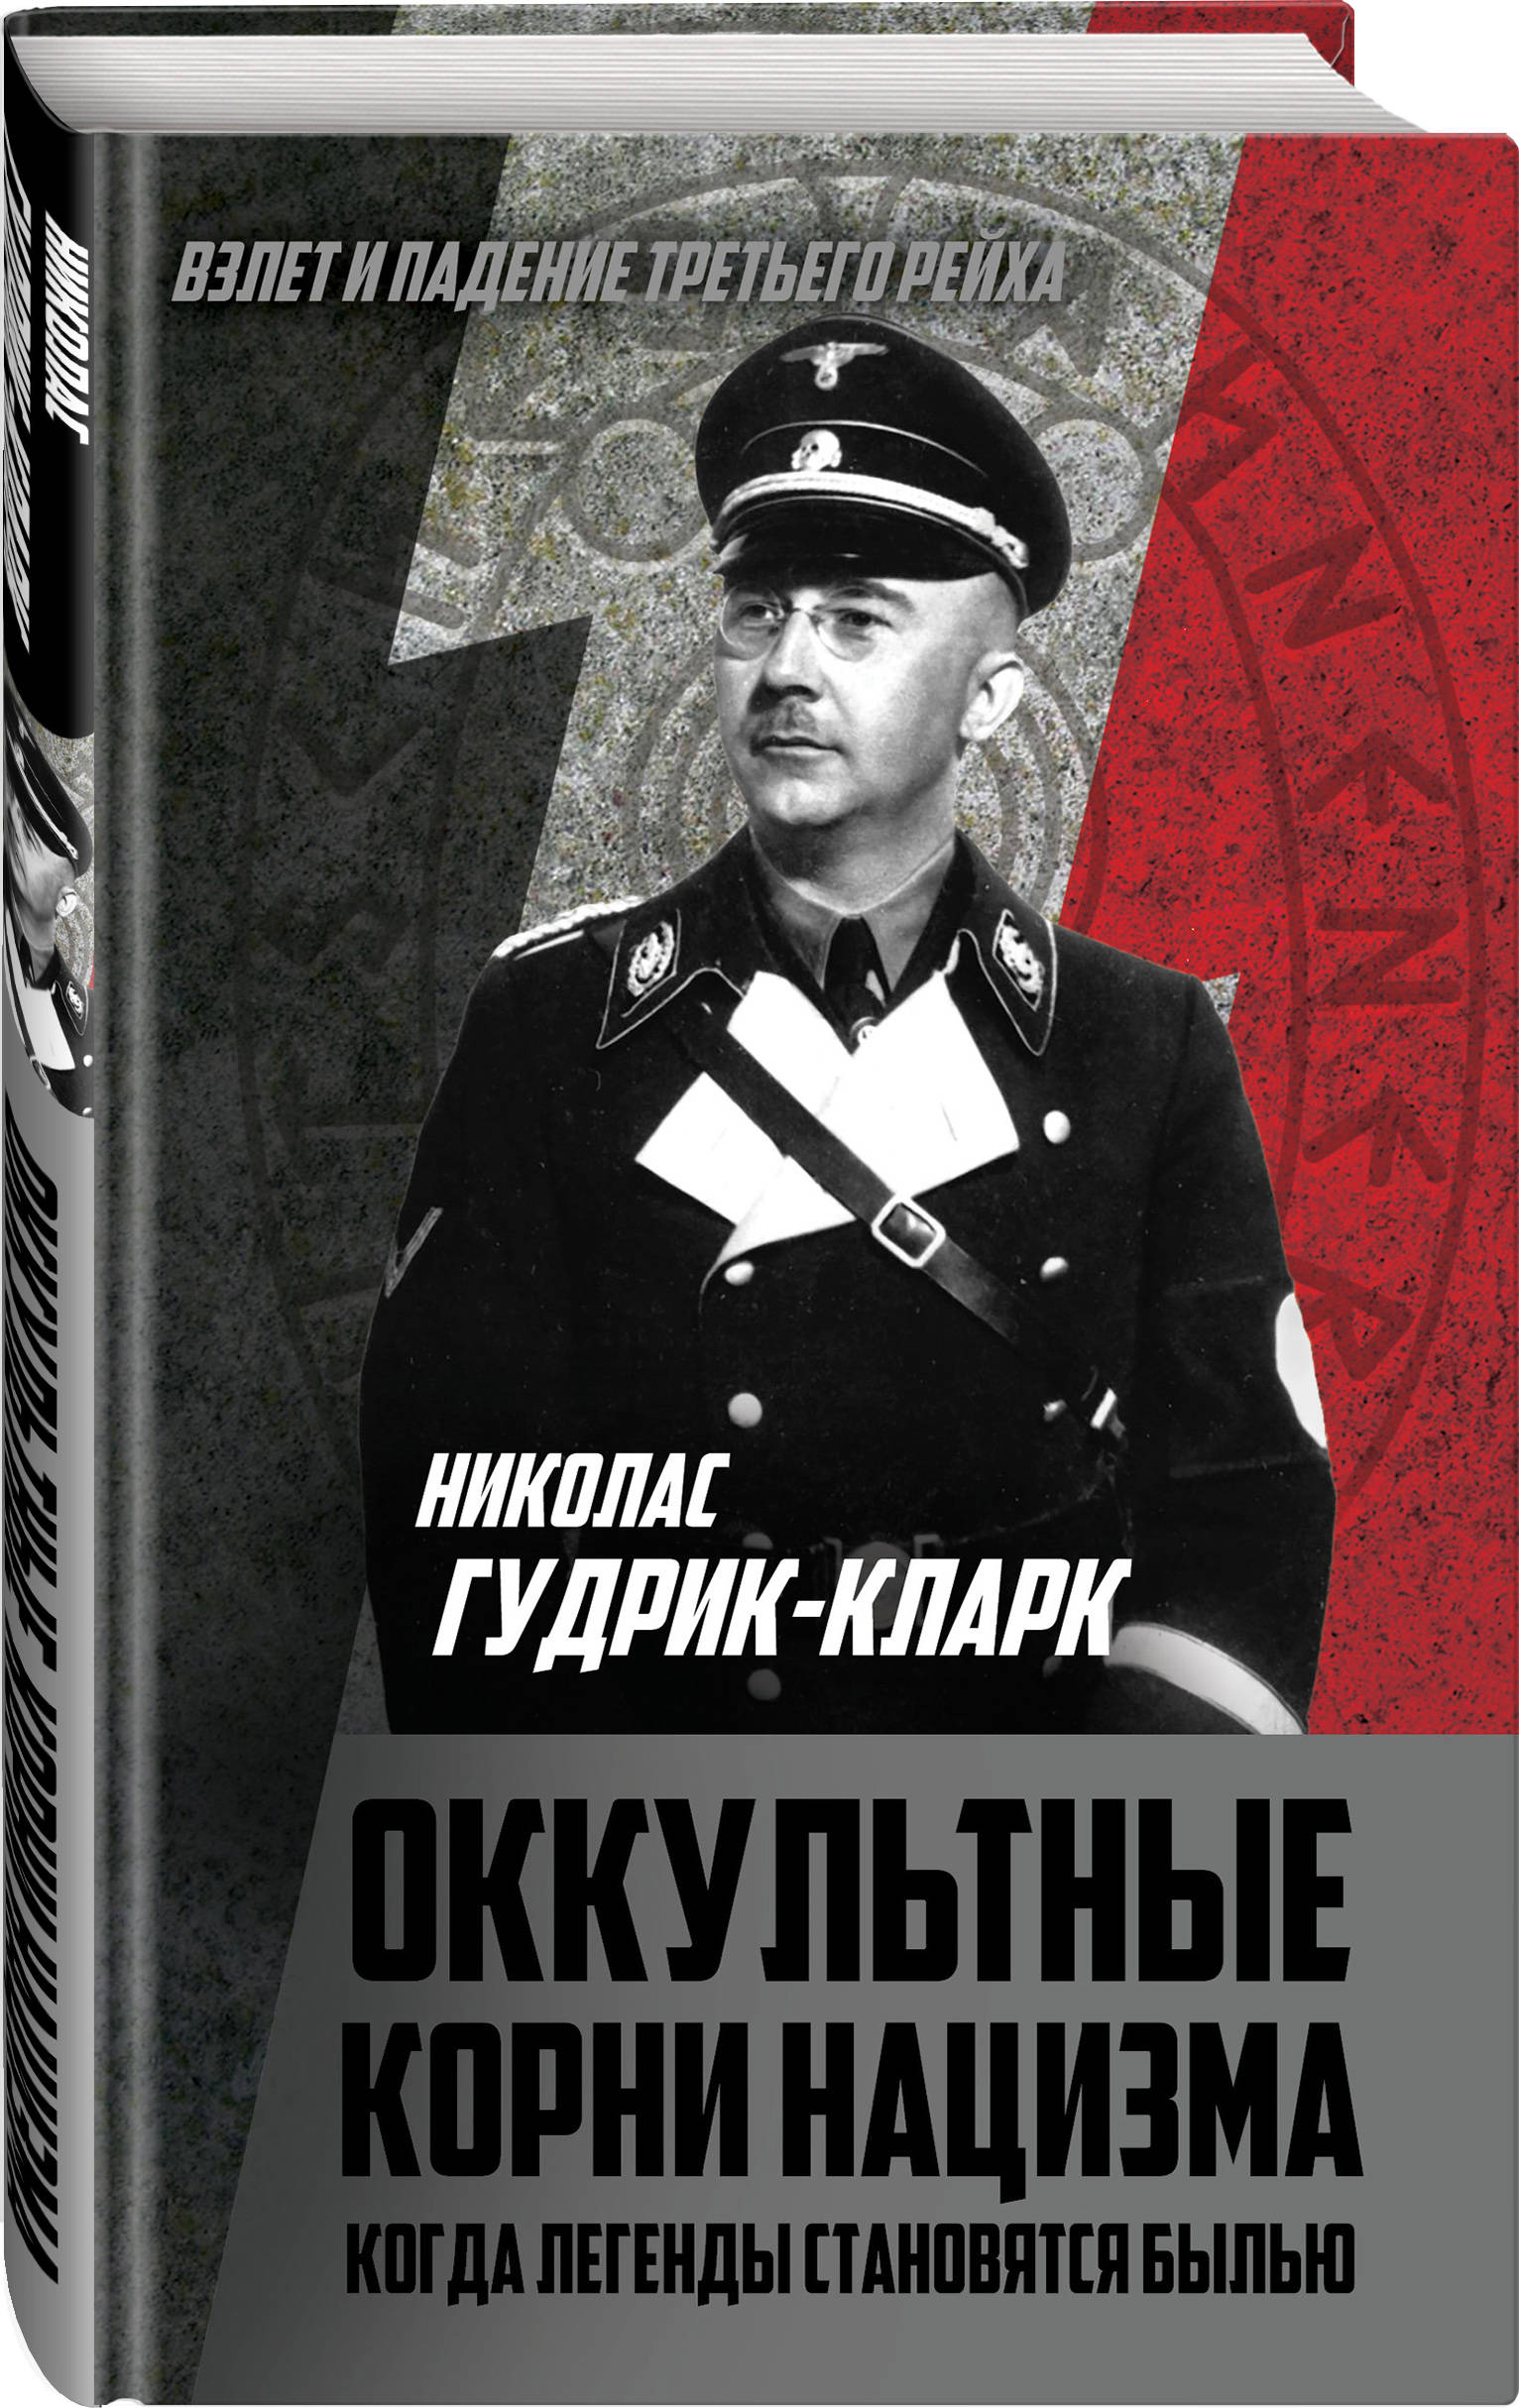 Николас Гудрик-Кларк Оккультные корни нацизма. Когда легенды становятся былью николас гудрик кларк оккультные корни нацизма когда легенды становятся былью